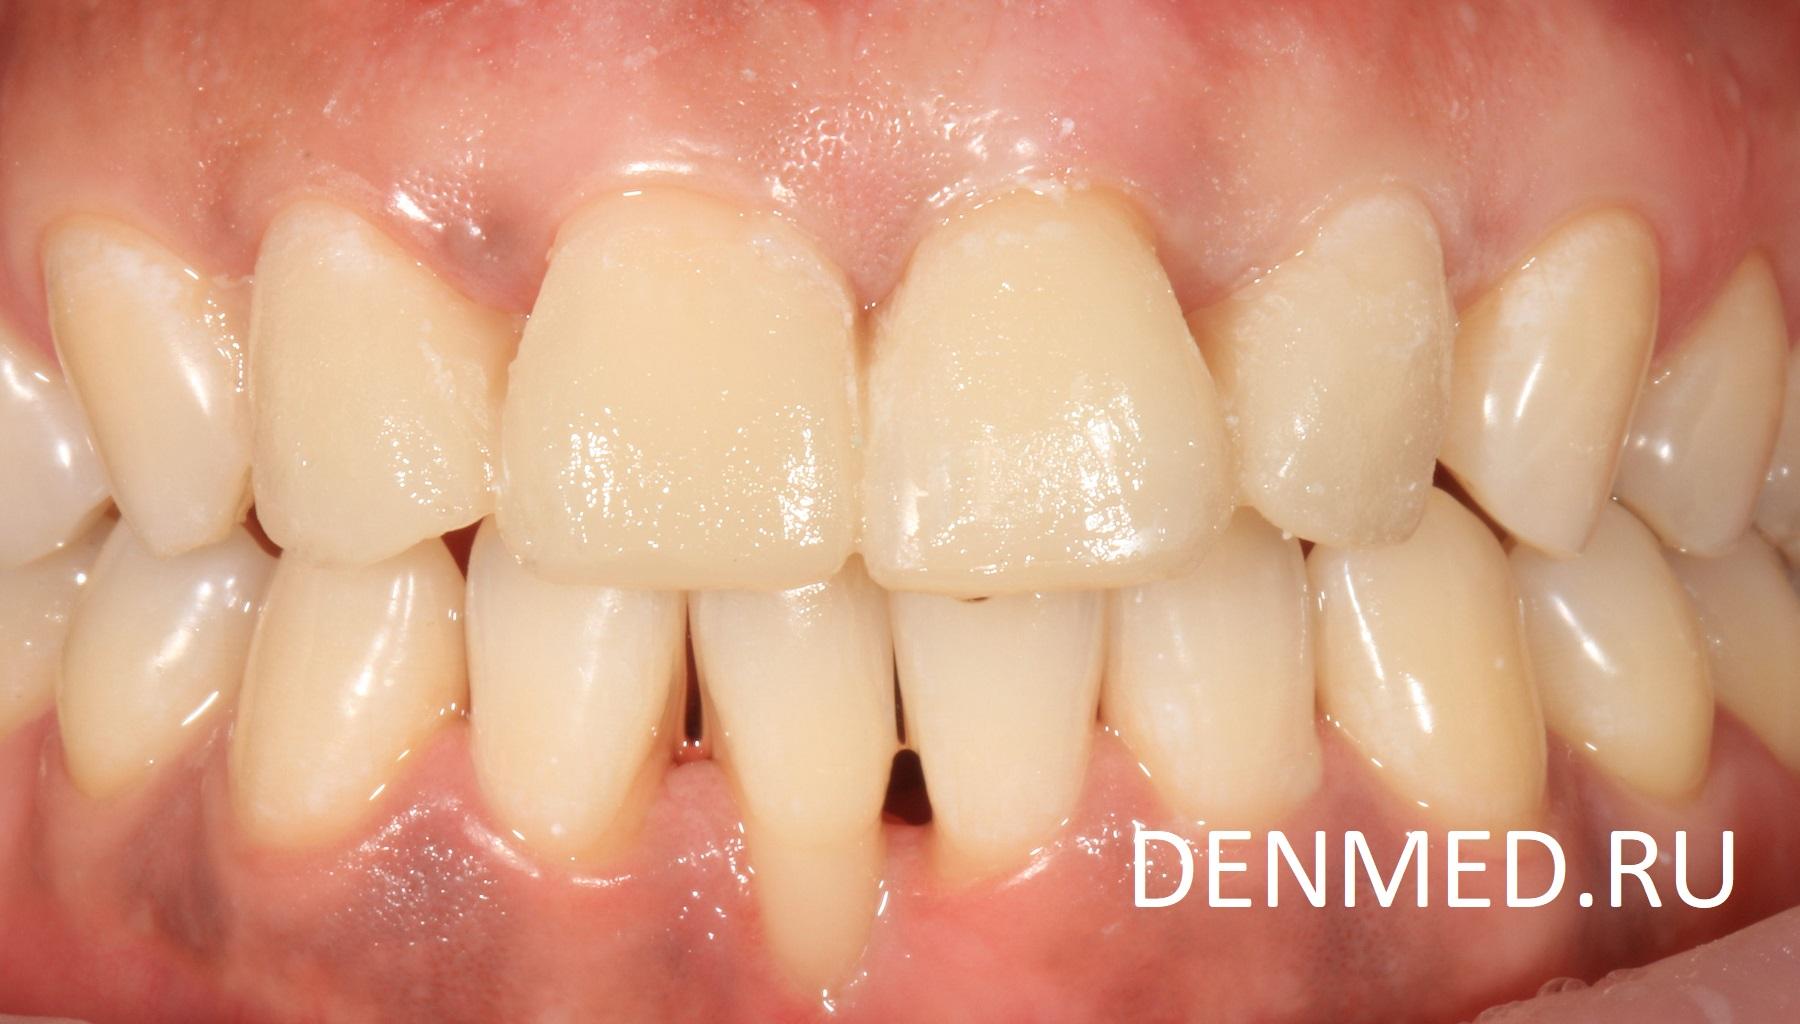 Эти изменения воссоздаются с помощью временной пластмассы, которую легко можно убрать с зубов